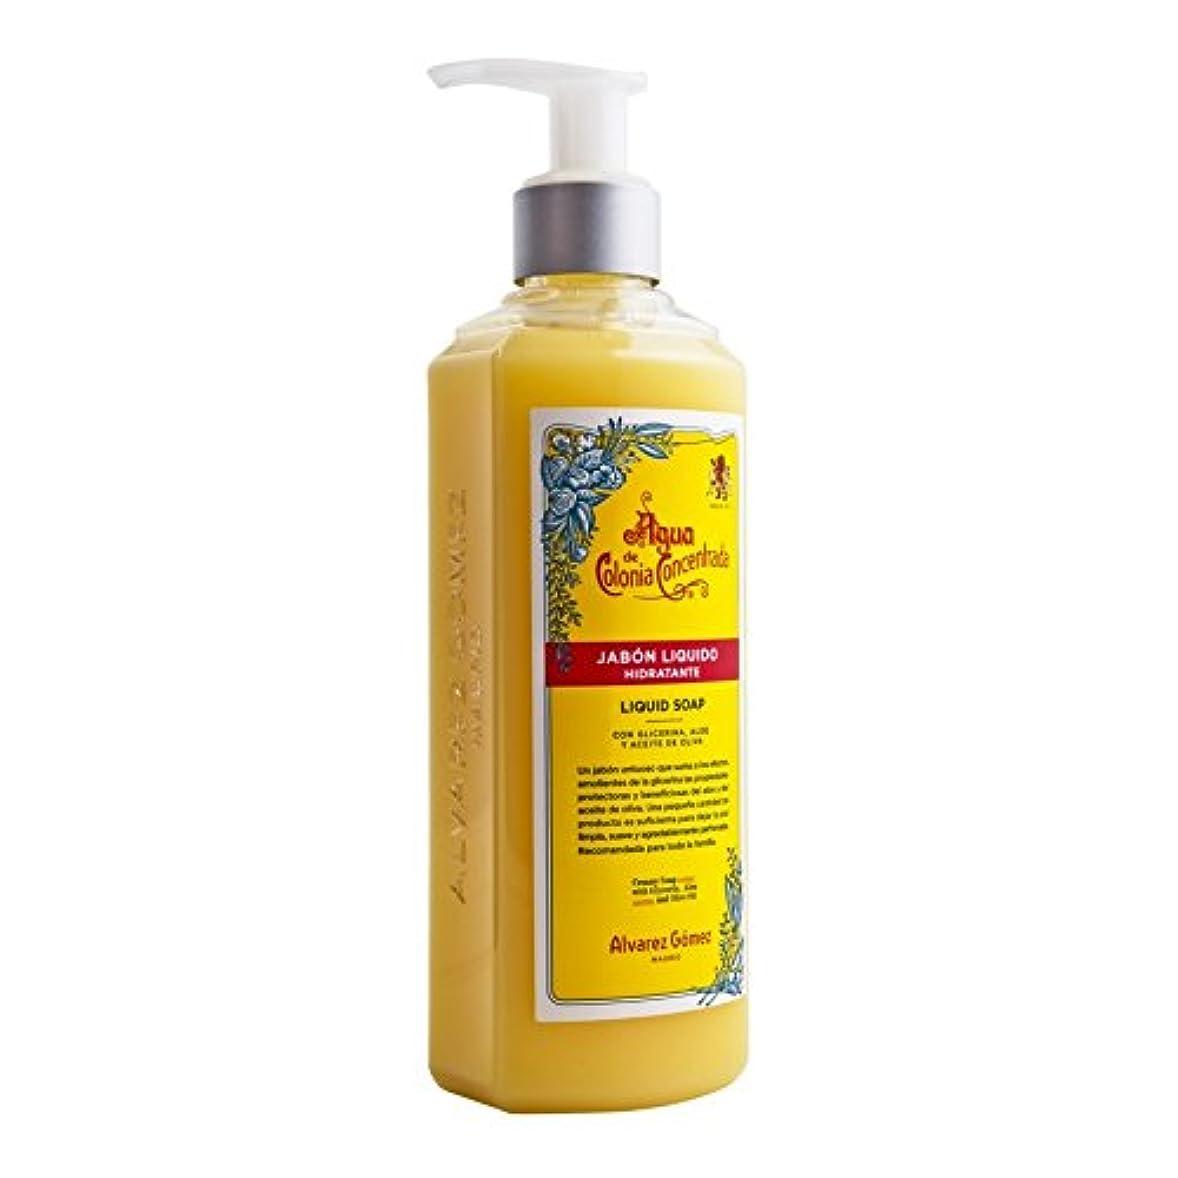 スイングラブクラブ?lvarez G?mez Agua de Colonia Concentrada Liquid Soap 300ml - アルバレスゴメスアグアデコロニ液体石鹸300ミリリットル [並行輸入品]